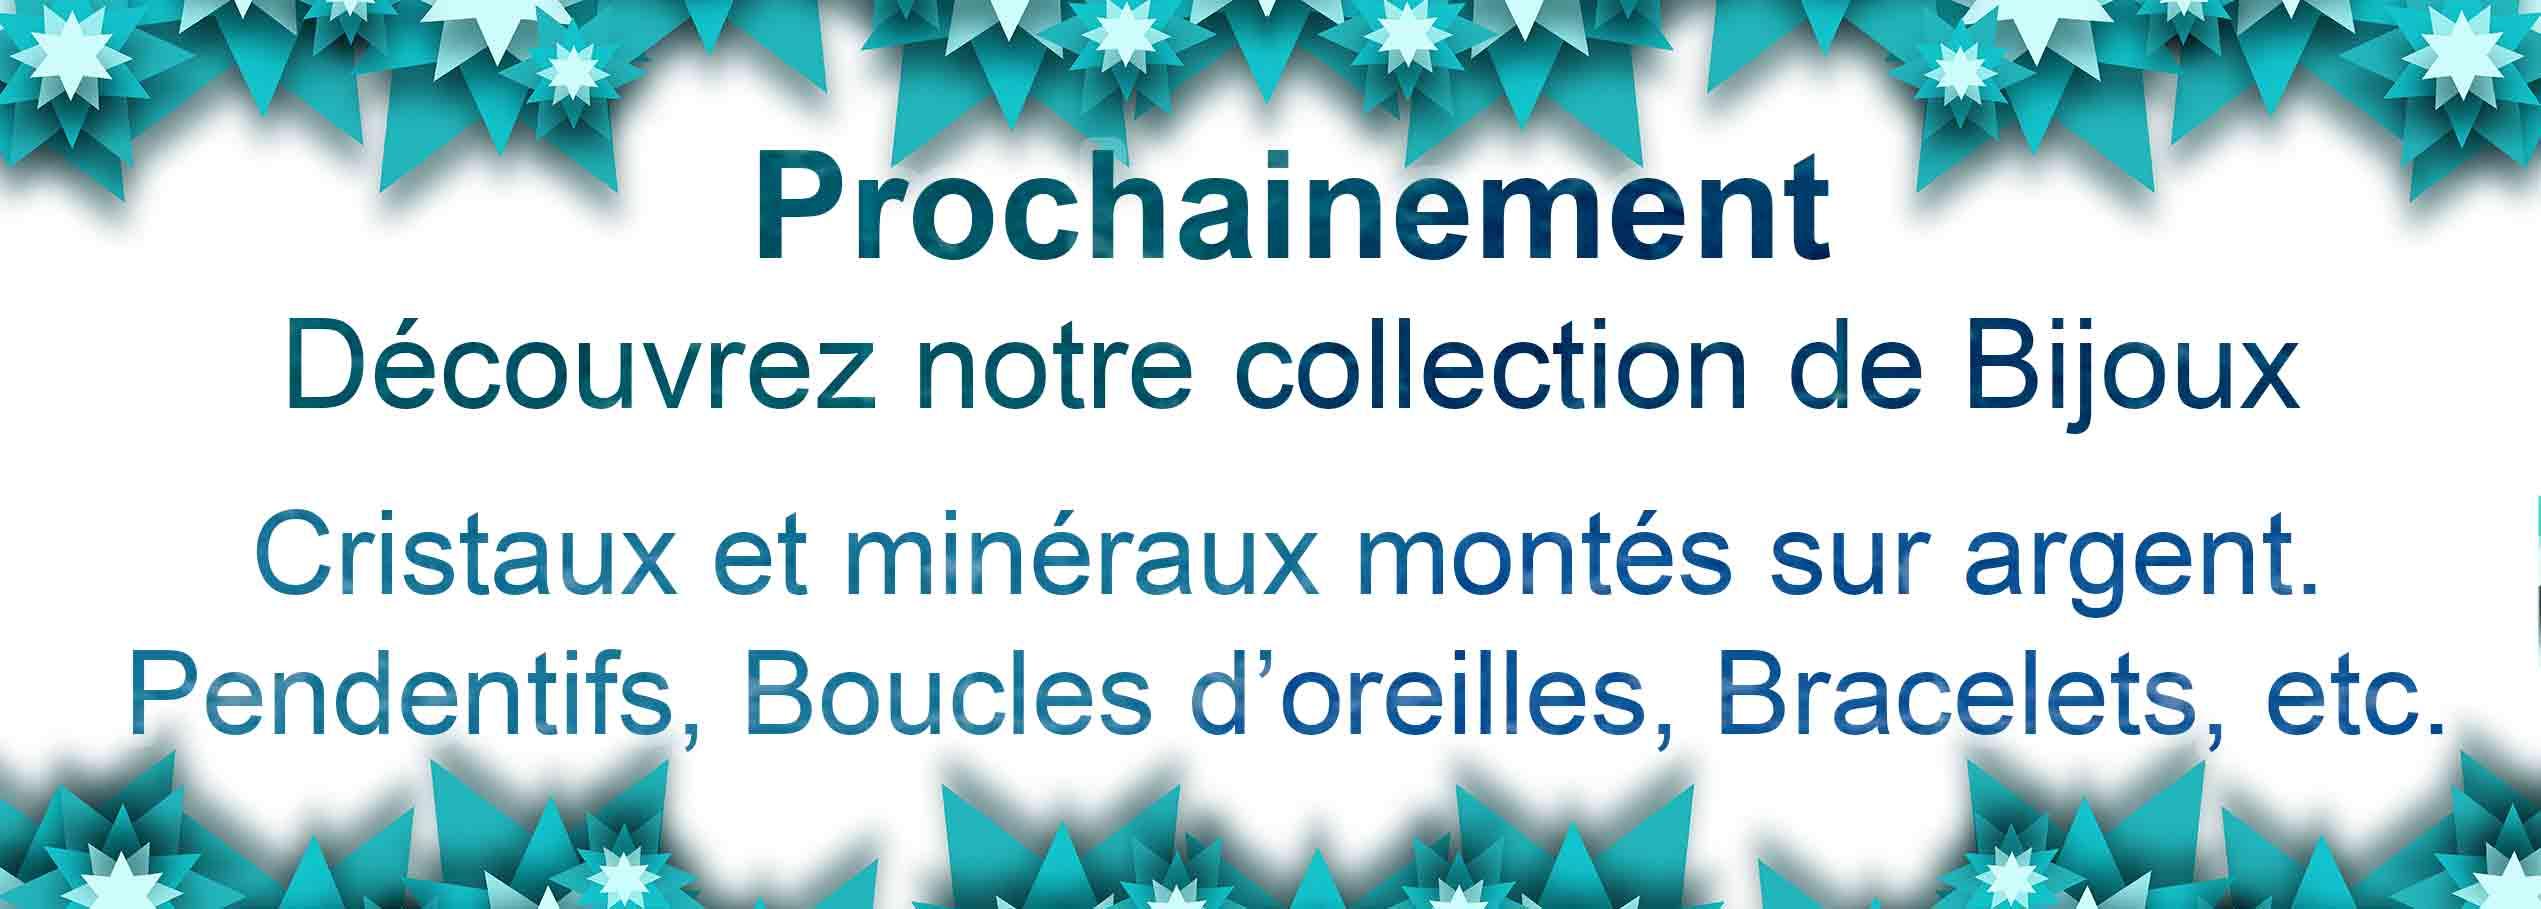 Prochainement, Découvrez notre collection de Bijoux : Minéraux et cristaux montés sur argents, Pendentifs, Boucle d'oreilles, Bracelets, etc.